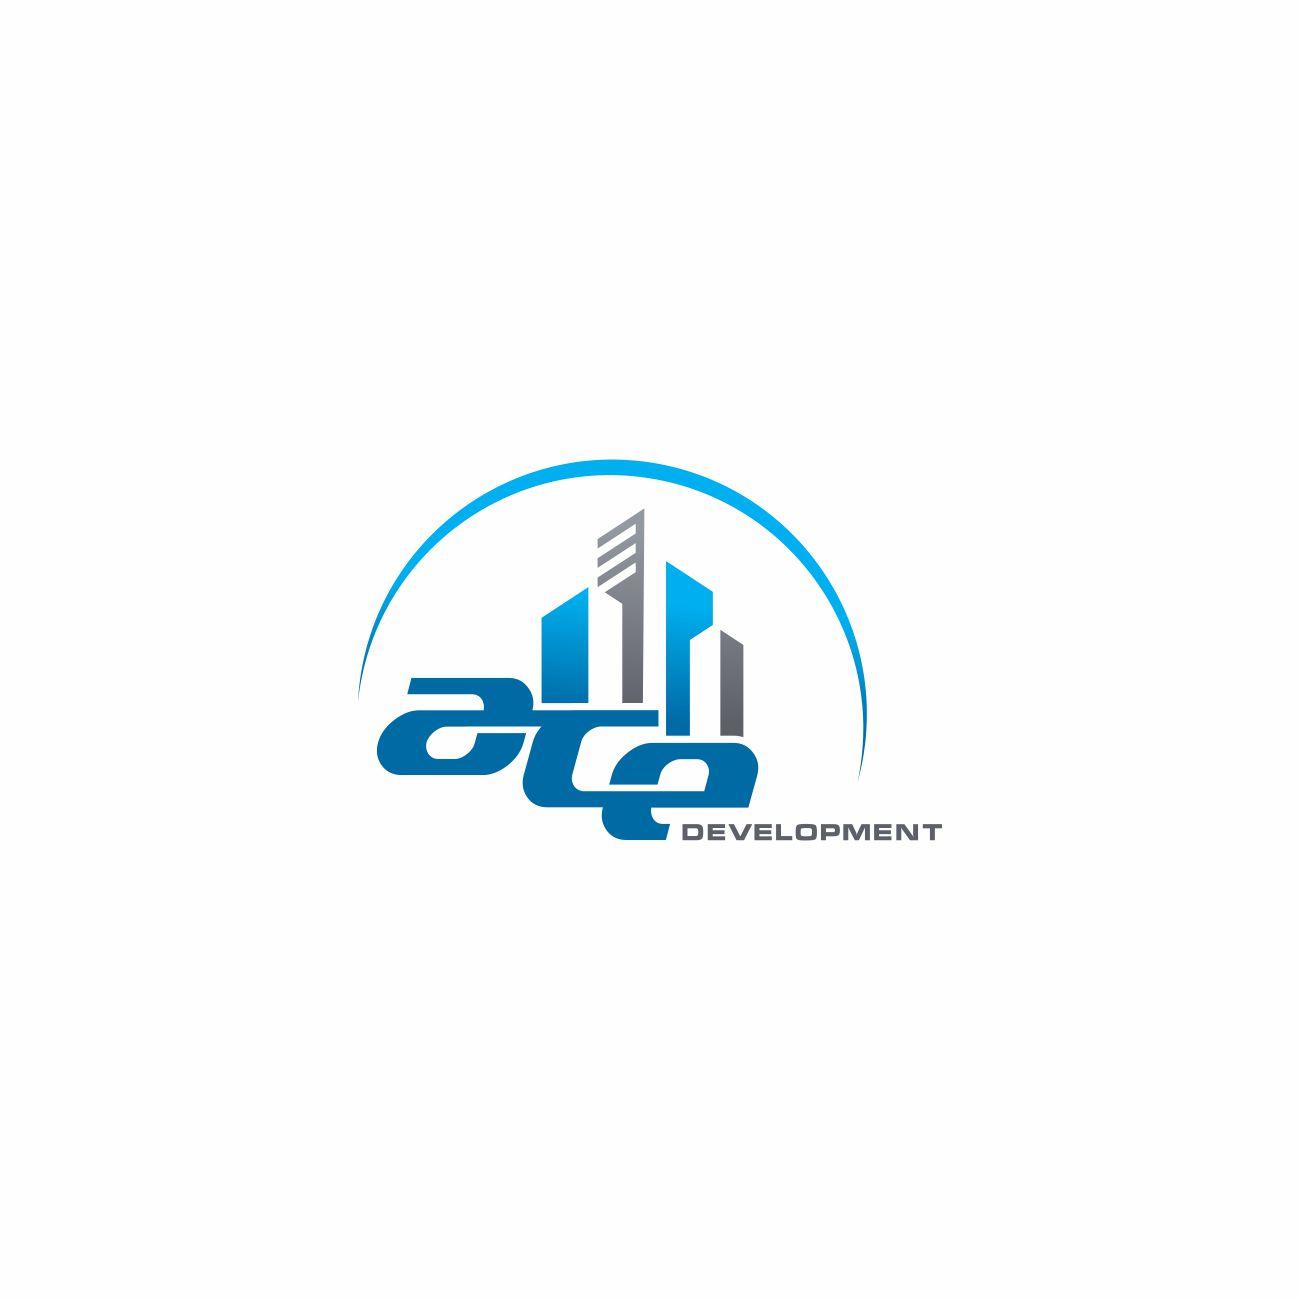 Logo Design by RasYa Muhammad Athaya - Entry No. 121 in the Logo Design Contest Fun Logo Design for Ace development.